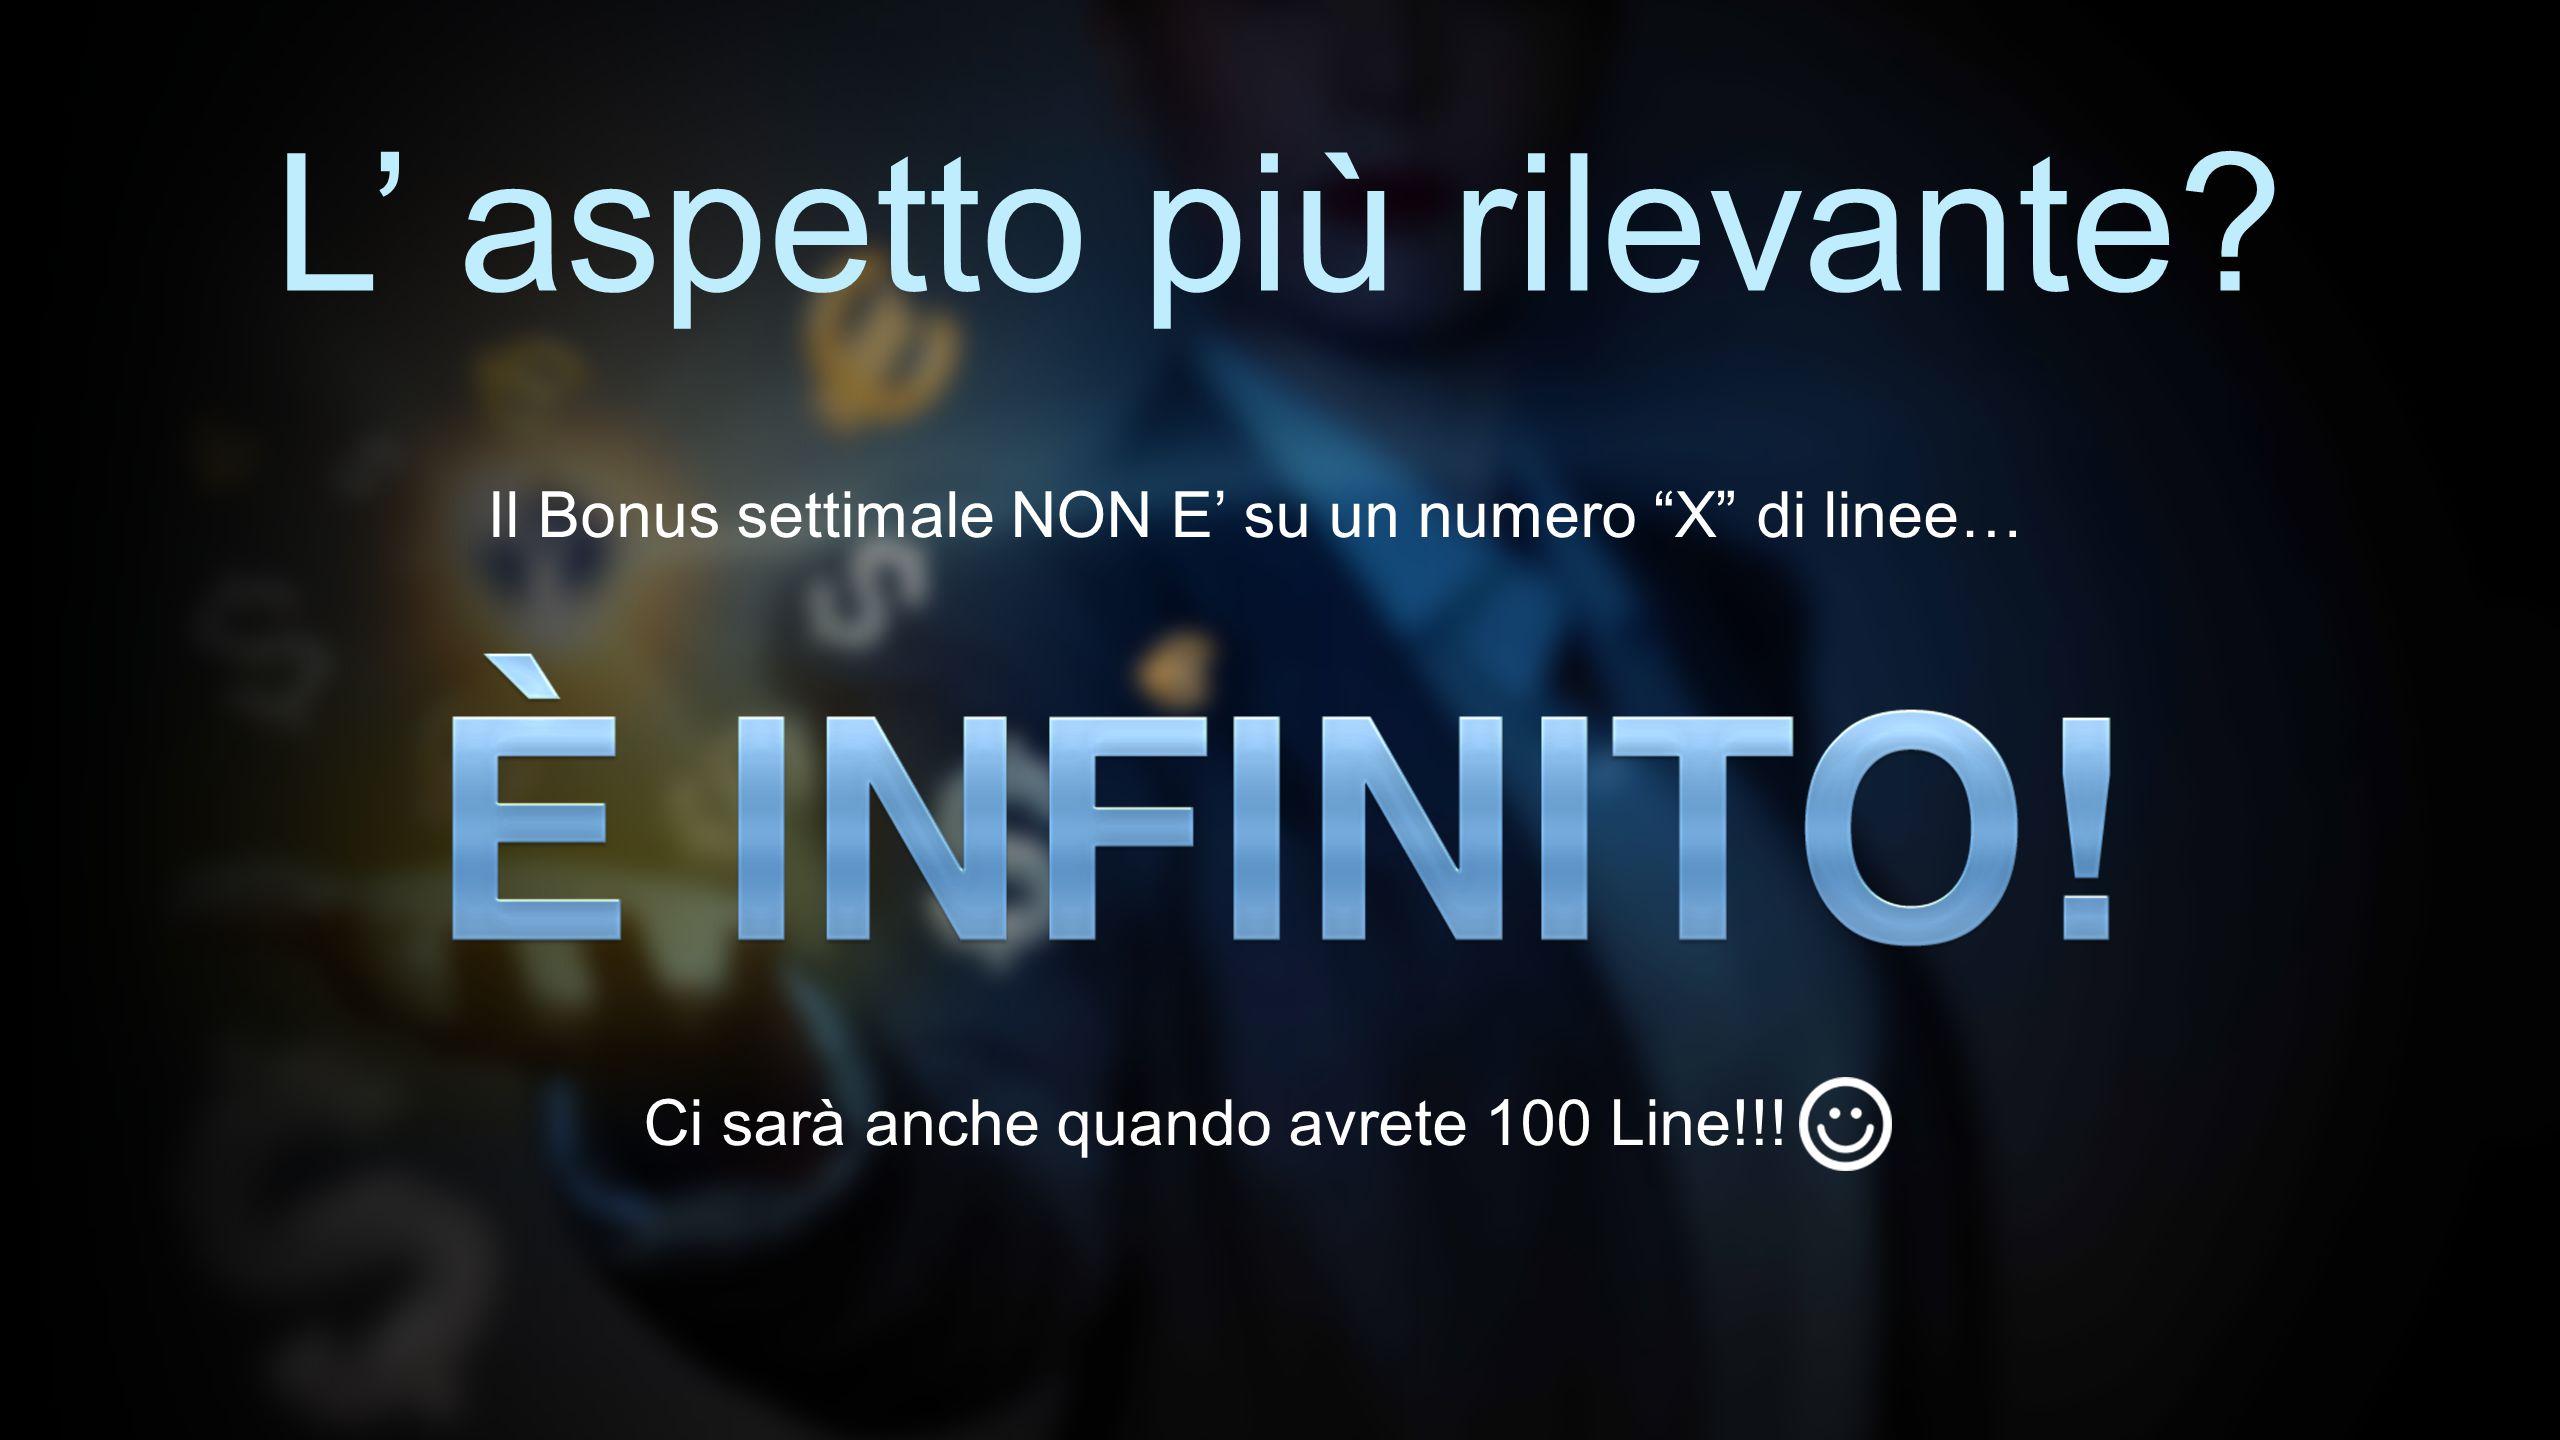 """L' aspetto più rilevante? Il Bonus settimale NON E' su un numero """"X"""" di linee… Ci sarà anche quando avrete 100 Line!!!"""